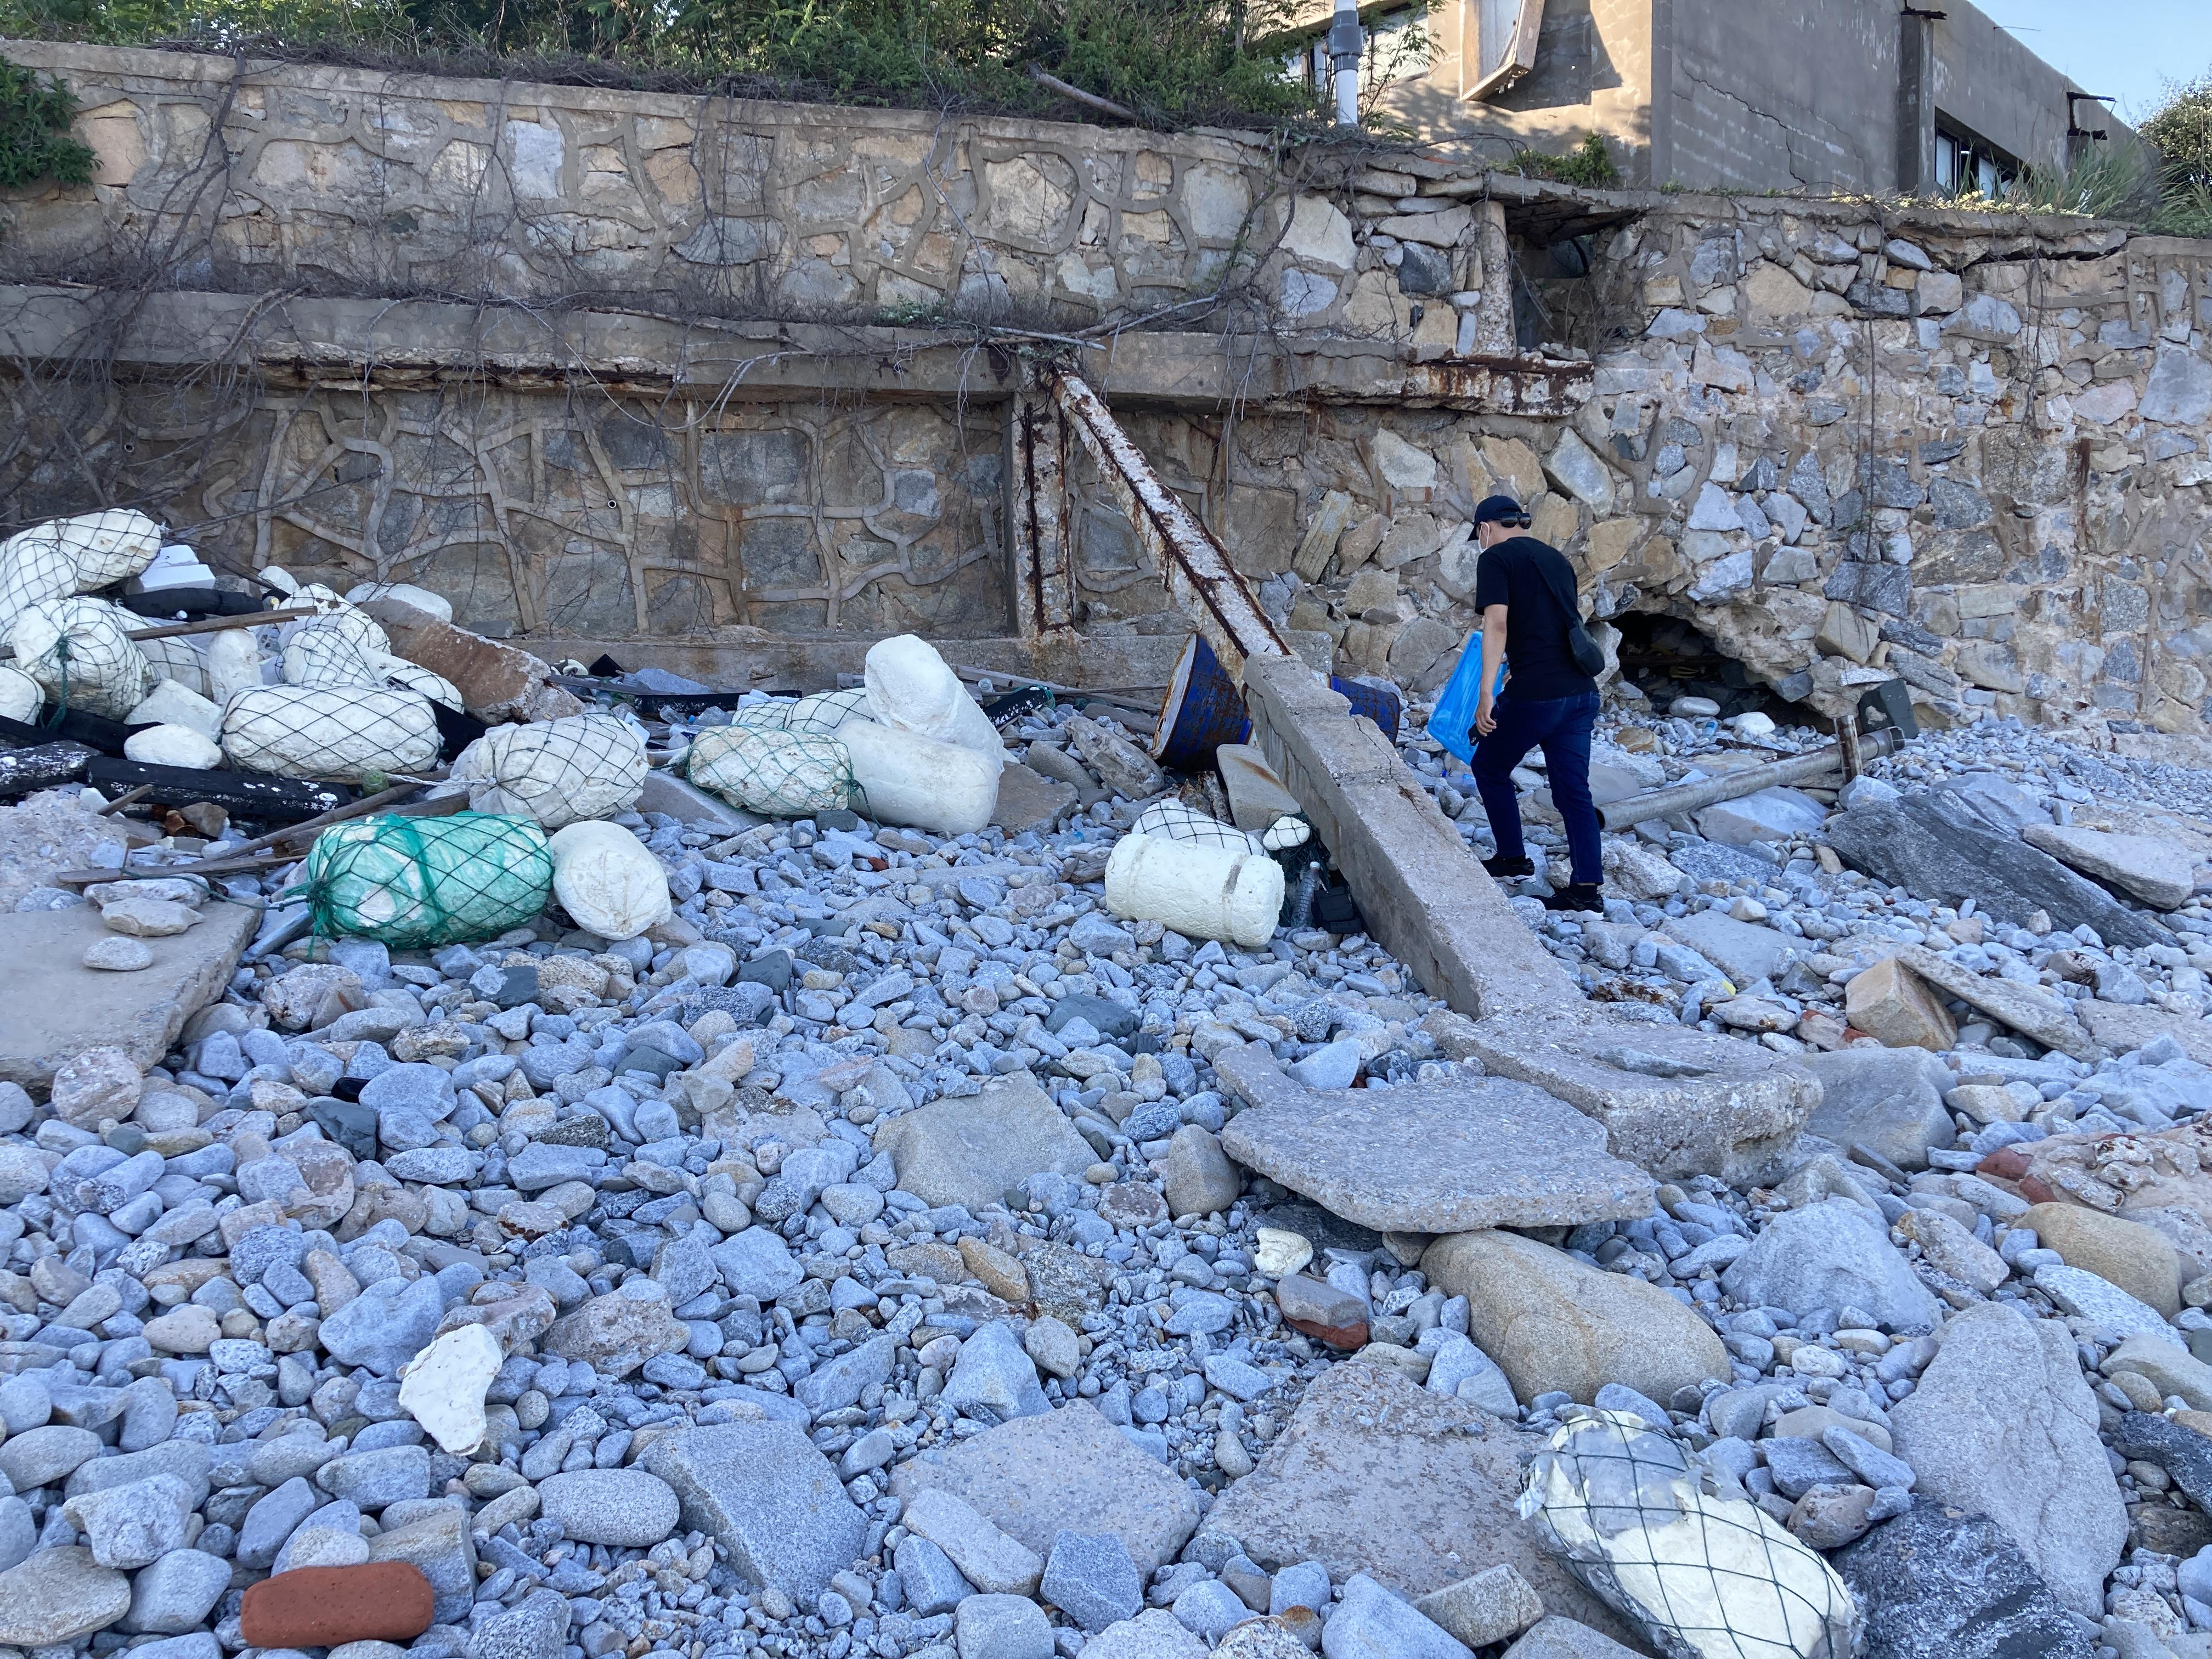 (圖三:花田一個人找到瓦礫片與垃圾堆積成的小丘/攝影:宗洧)